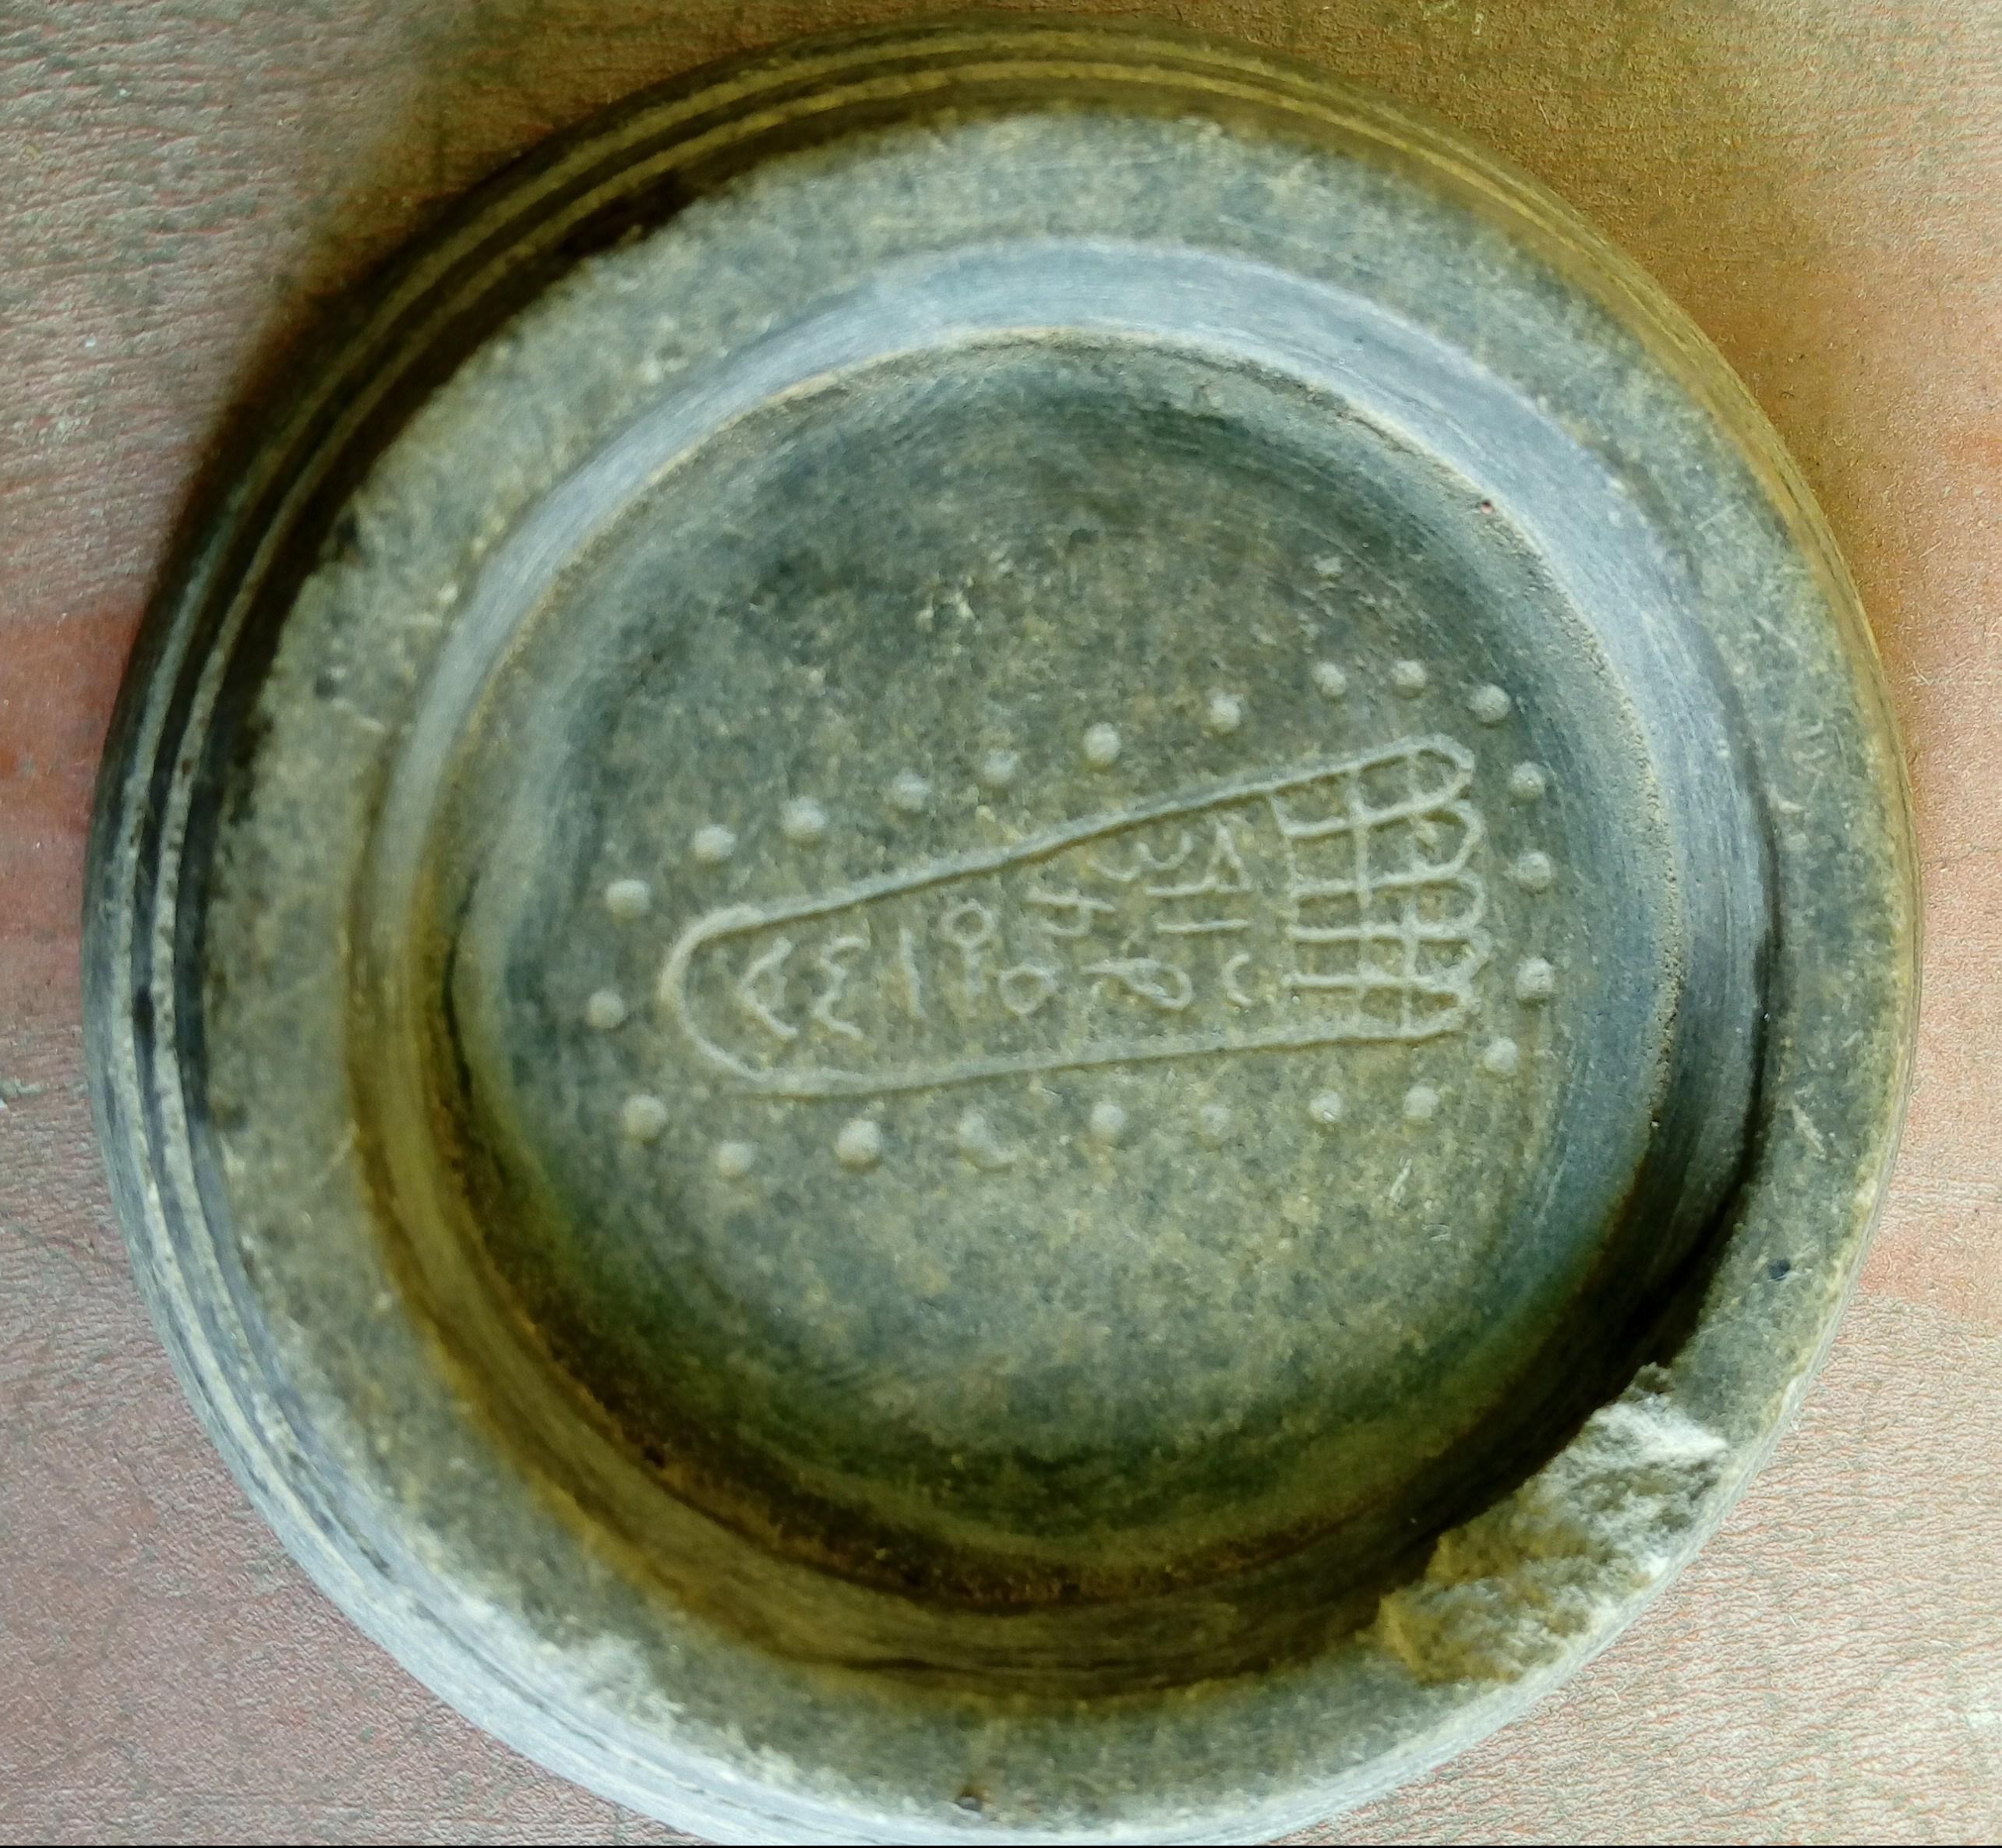 ১ বুঁইচির মাদাবাড়ি দাঙা থেকে প্রাপ্ত শিলালিপি